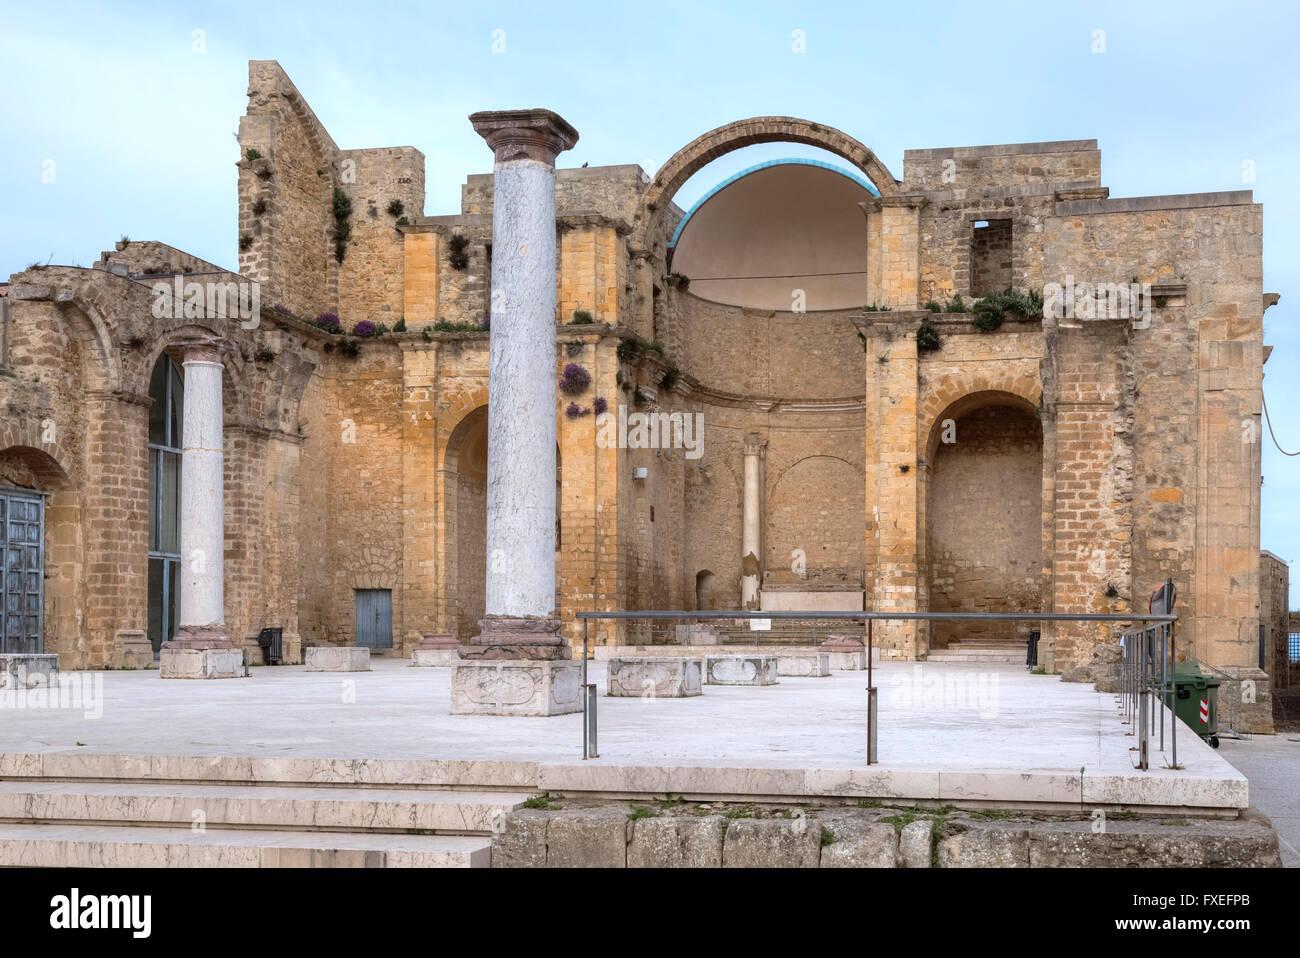 Salemi, Trapani, Sicilia, Italia Imagen De Stock